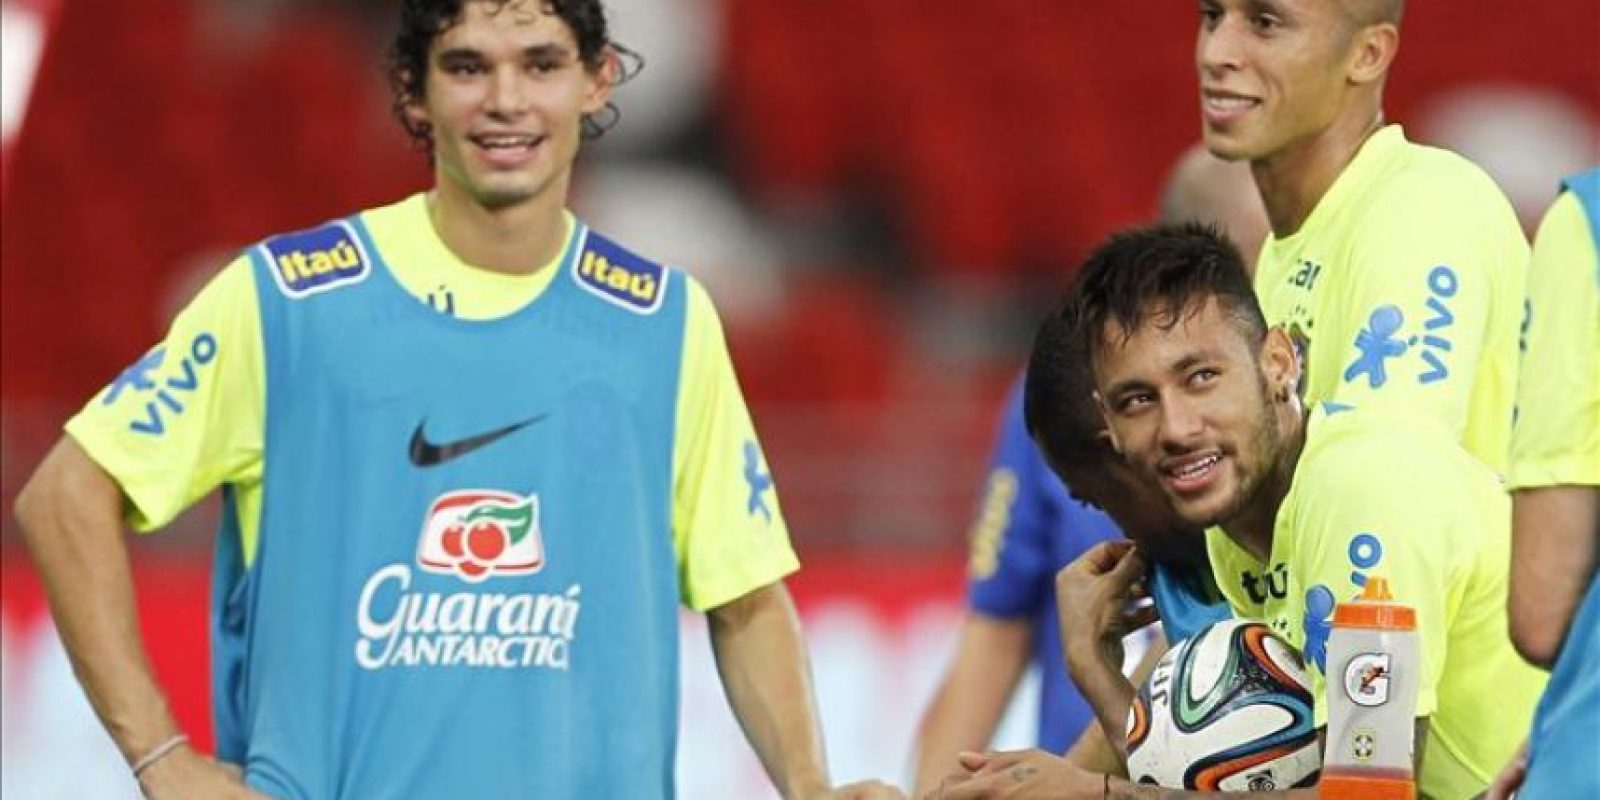 Los jugadores de la selección brasileña de fútbol, (i-d) Dodo, Neymar y Miranda, durante un entrenamiento del equipo celebrado en el Estado Nacional de Singapur, hoy, lunes 13 de octubre de 2014. Brasil se enfrentará a Japón en un partido amistoso el próximo 14 de octubre. EFE